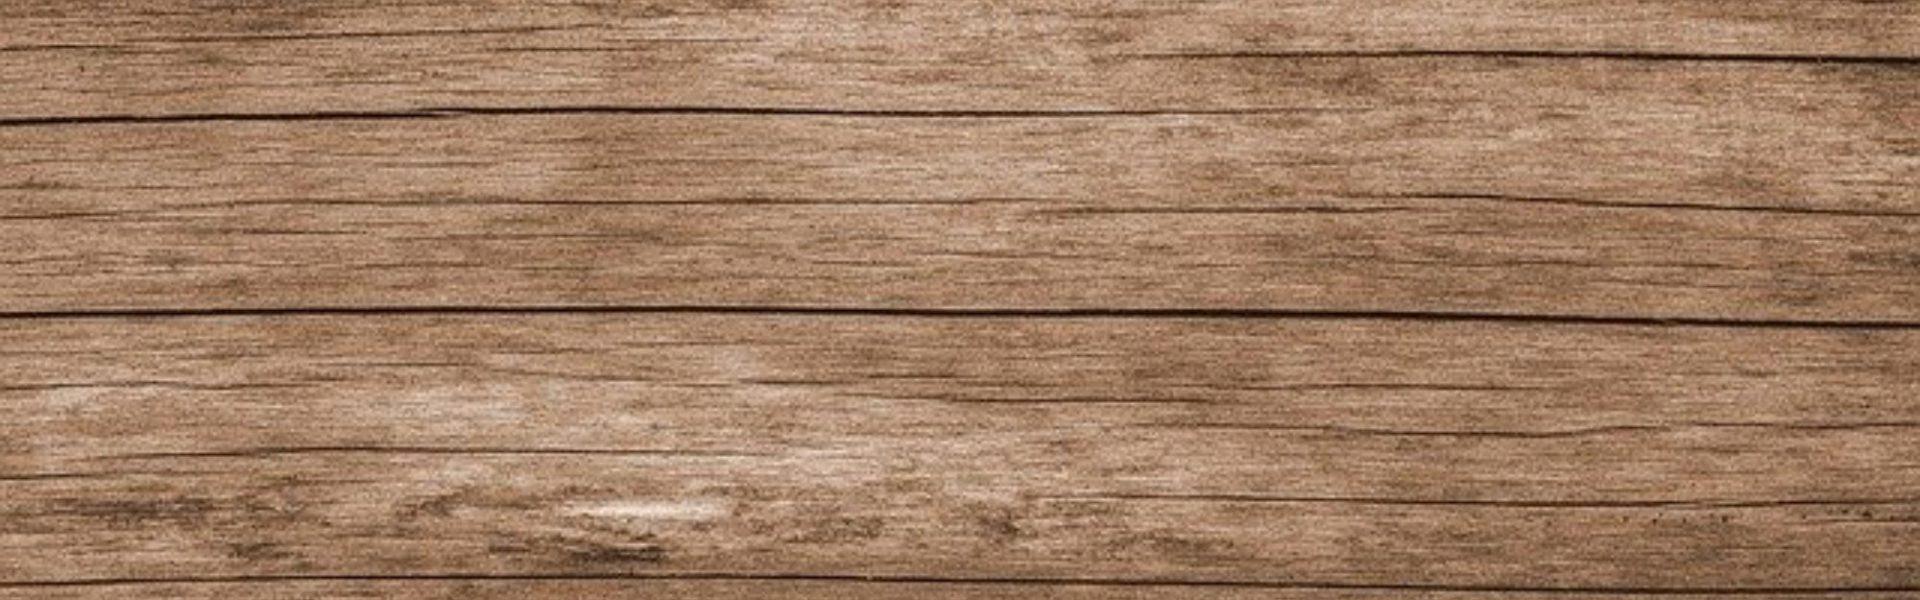 blaty drewniane